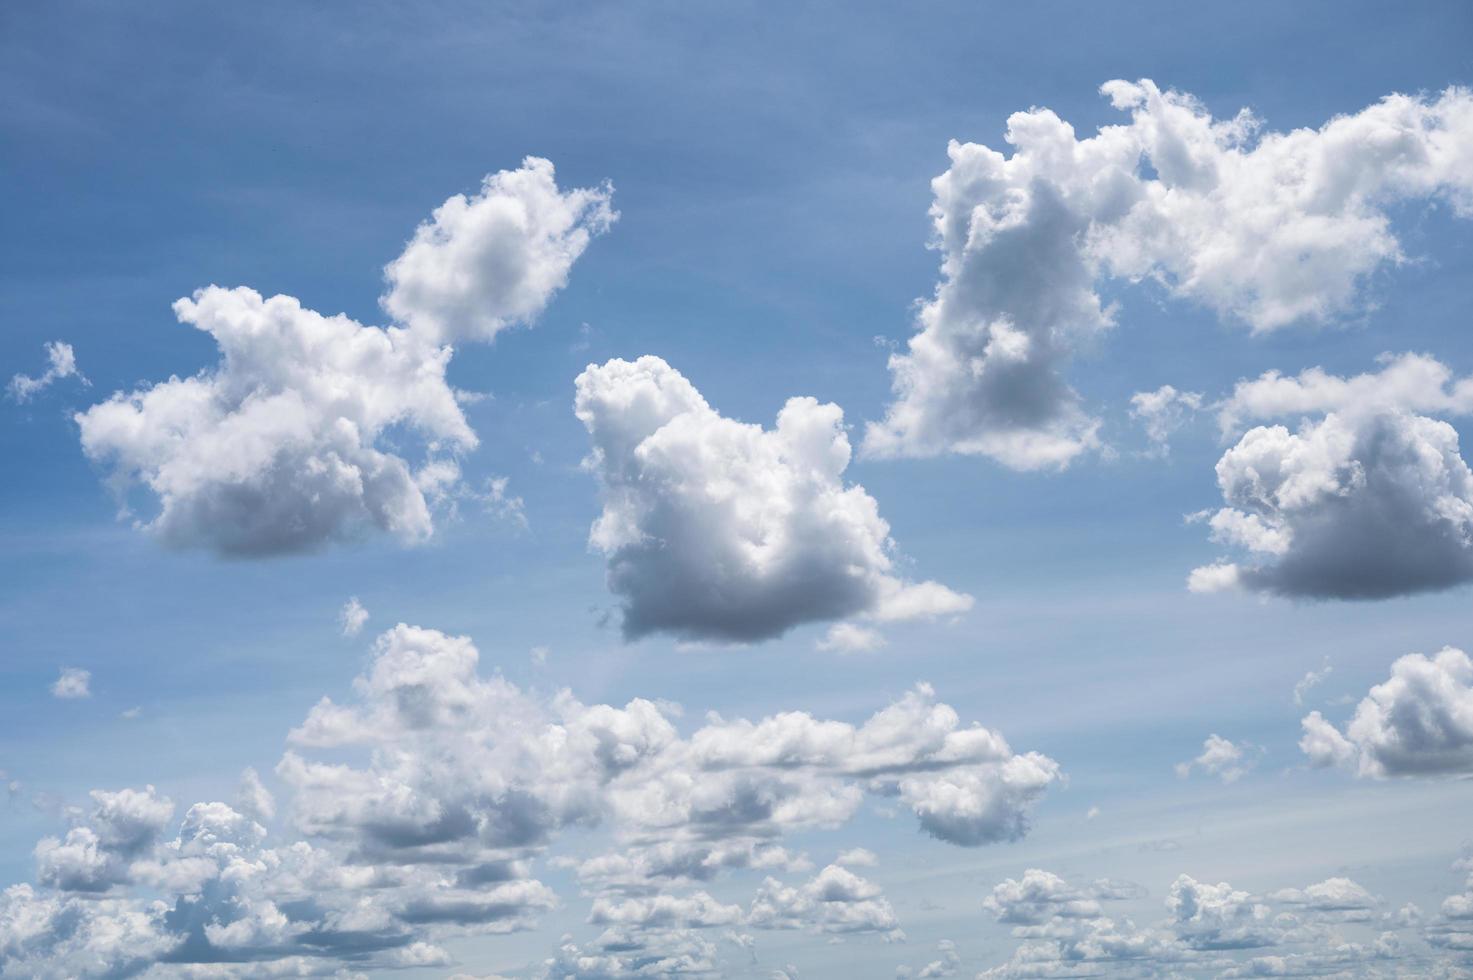 nuages blancs moelleux dans le ciel bleu ensoleillé photo